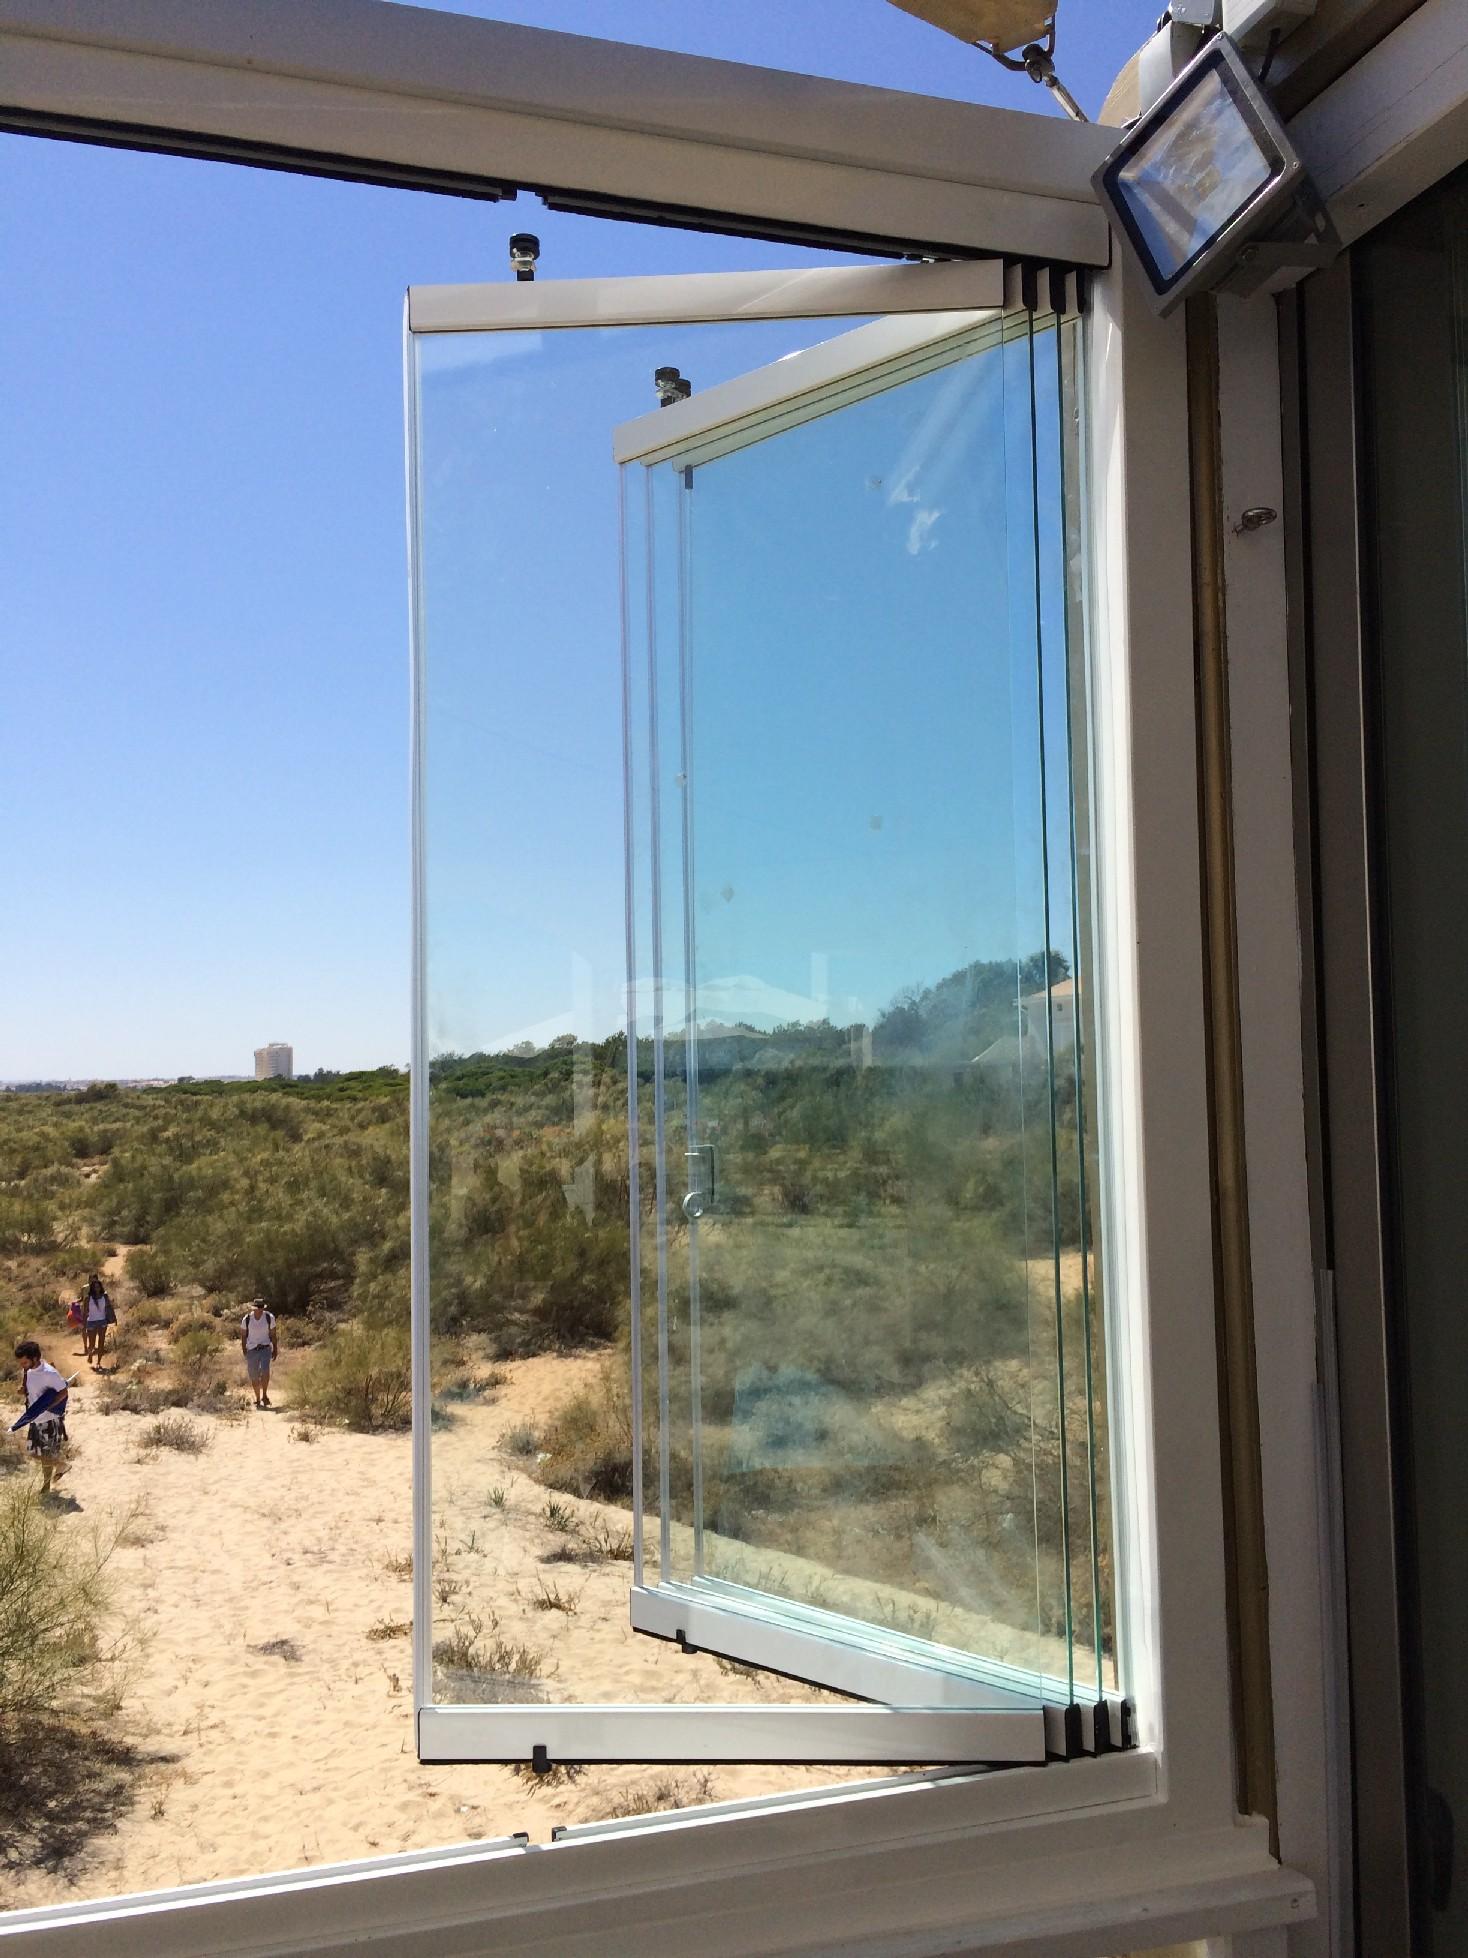 #2363A8 Remodelar janelas de correr em vidro Fórum da Casa 4188 Imagens De Casas Com Janelas De Aluminio